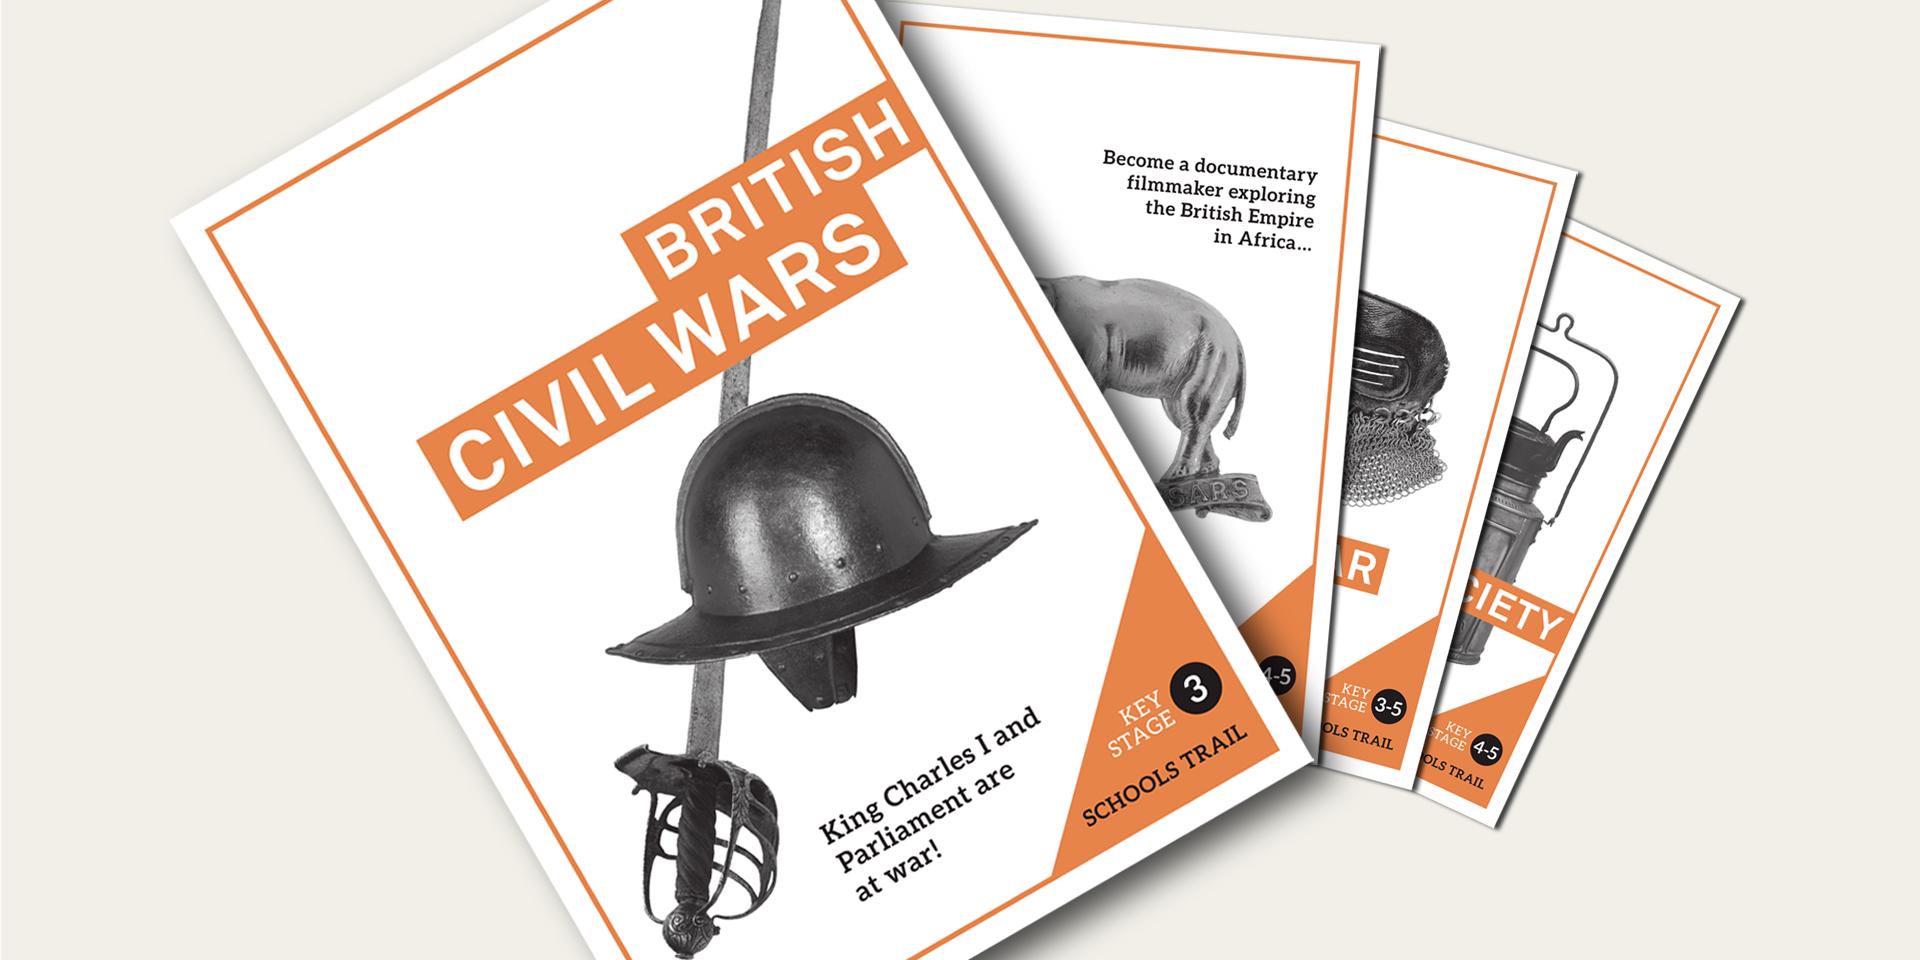 British Civil Wars Trail